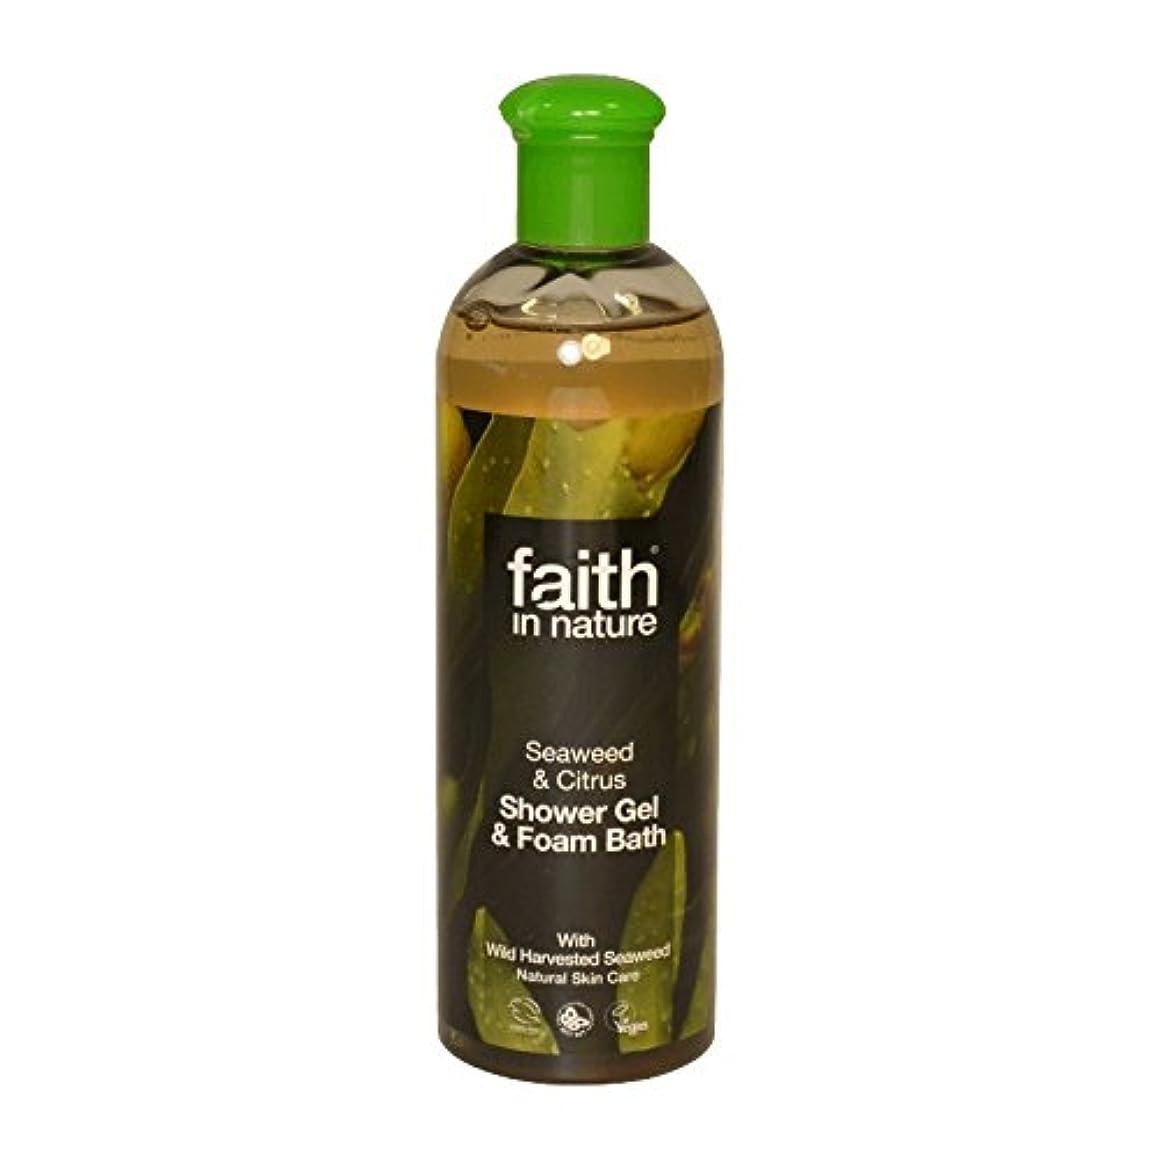 蒸し器ギャザー外交自然の海藻&シトラスシャワージェル&バス泡400ミリリットルの信仰 - Faith in Nature Seaweed & Citrus Shower Gel & Bath Foam 400ml (Faith in Nature...